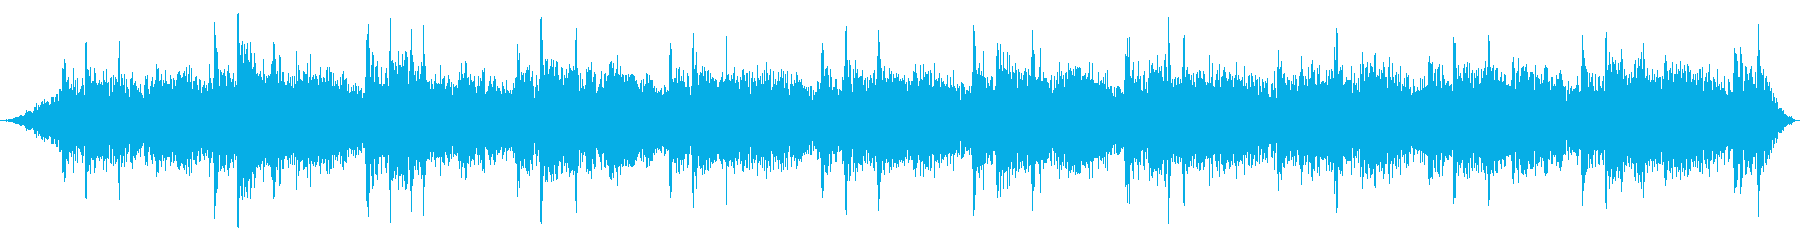 油井:ポンプジャック:ランニングの再生済みの波形